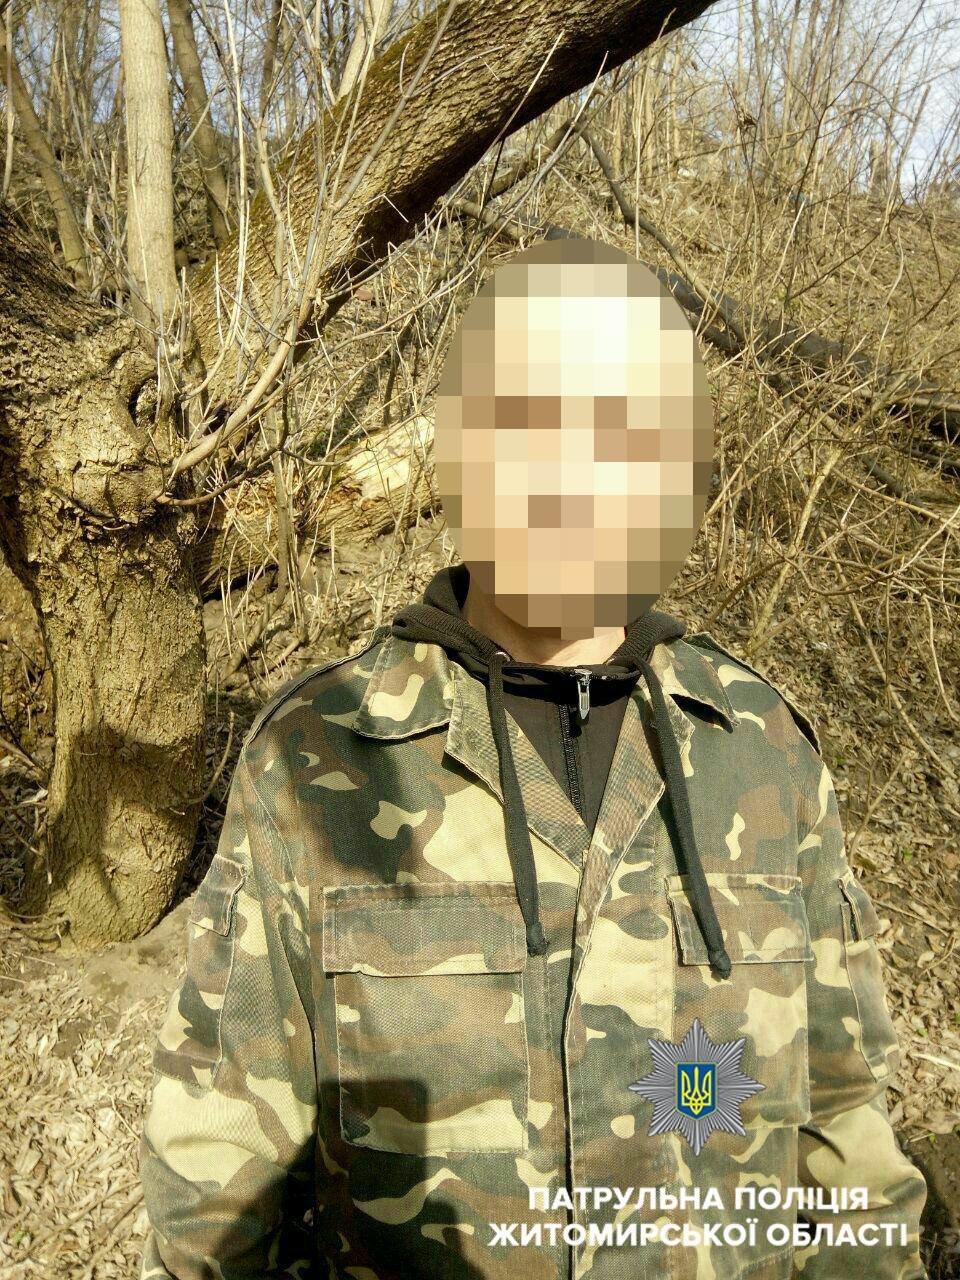 Чоловіків із саморобною зброєю зупинили патрульні у центрі Житомира, фото-1